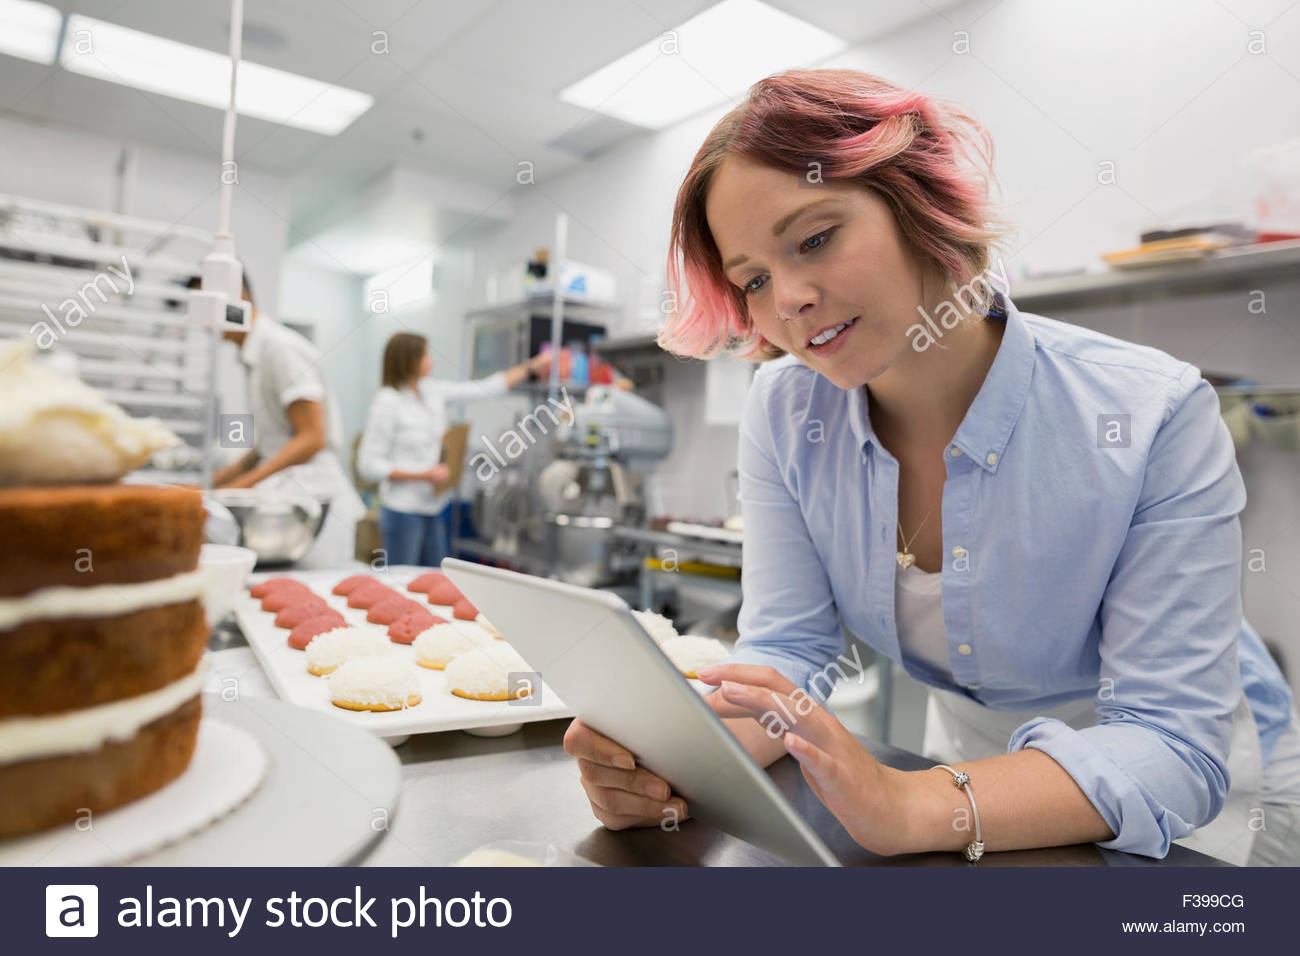 Chef de repostería con tableta digital en cocina comercial Imagen De Stock